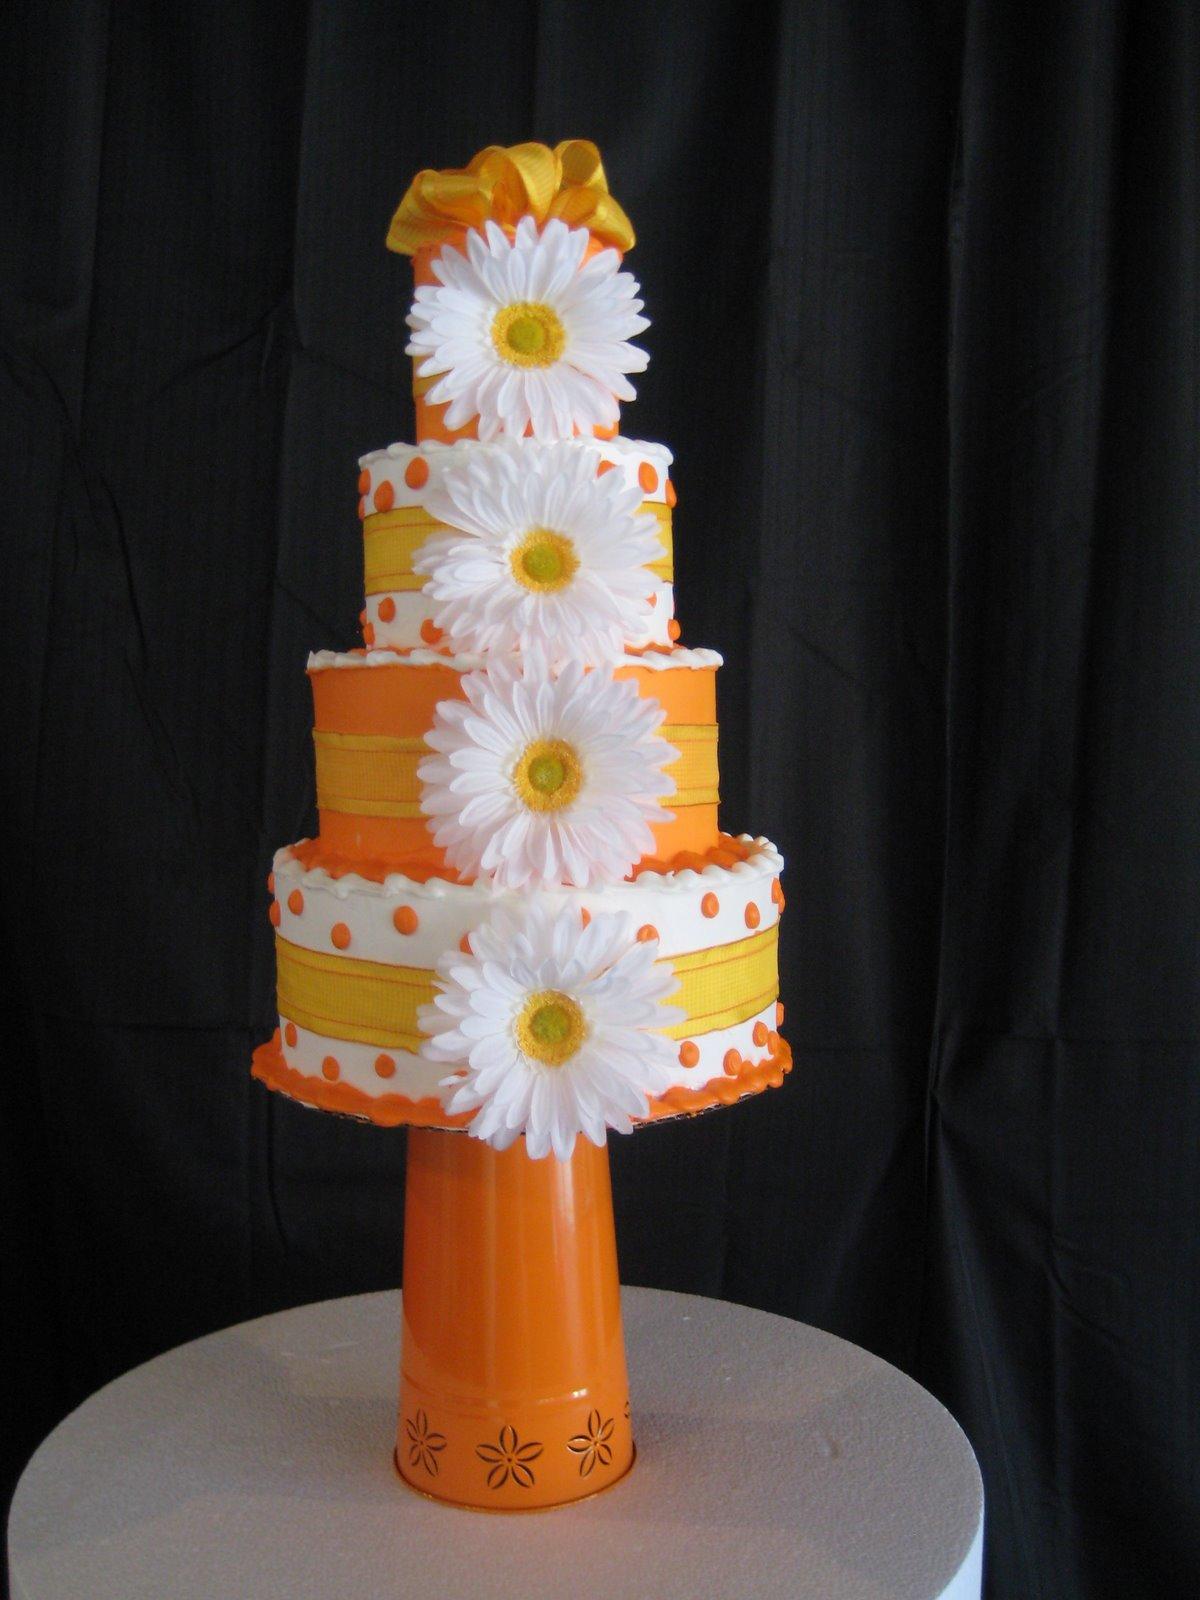 [cakes+and+sci+fair+287.JPG]